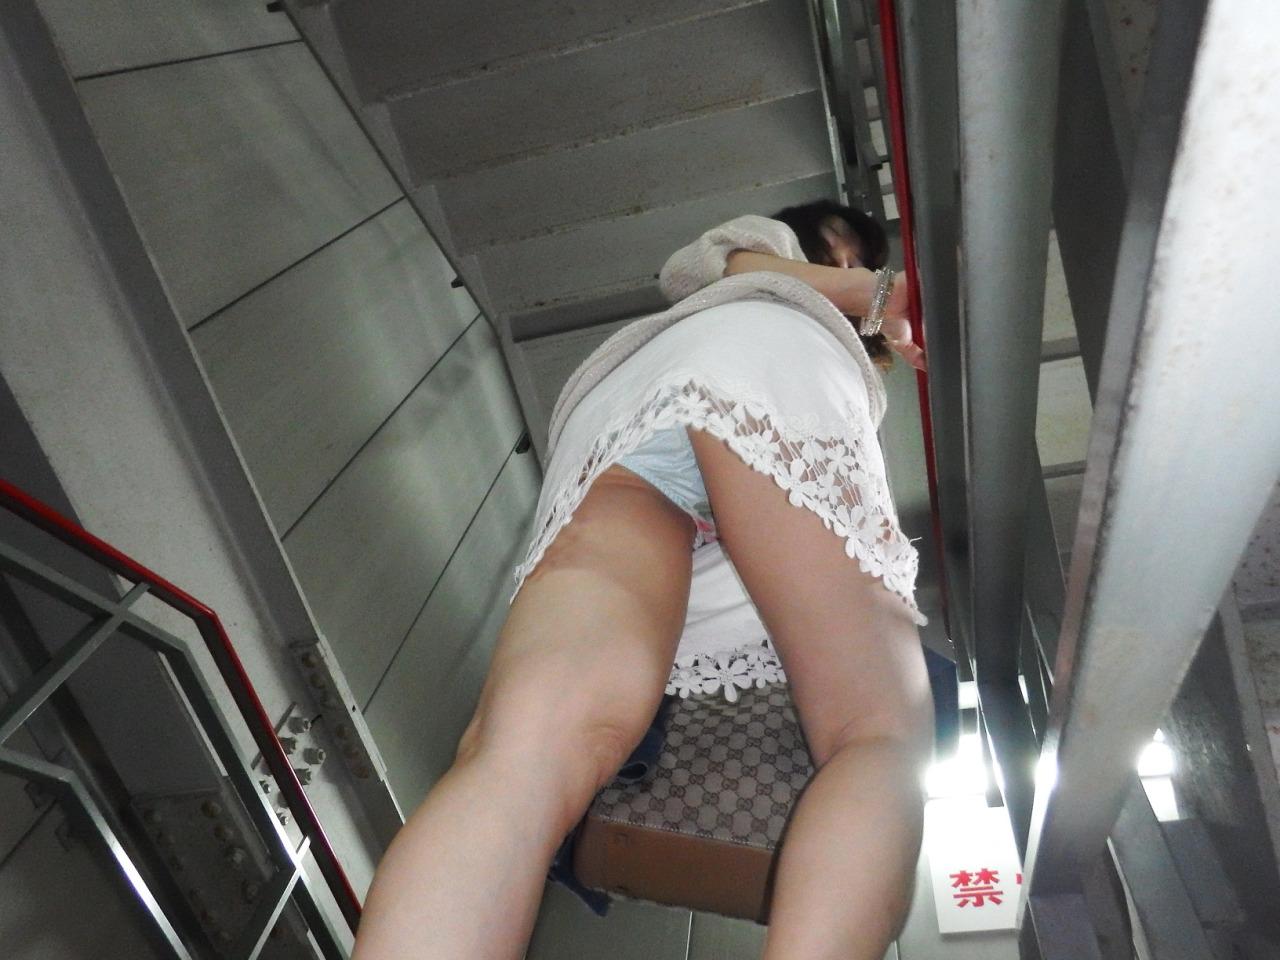 【パンチラエロ画像】斜め下から視線が直撃!ミニスカ女子にはローアン安定www 14